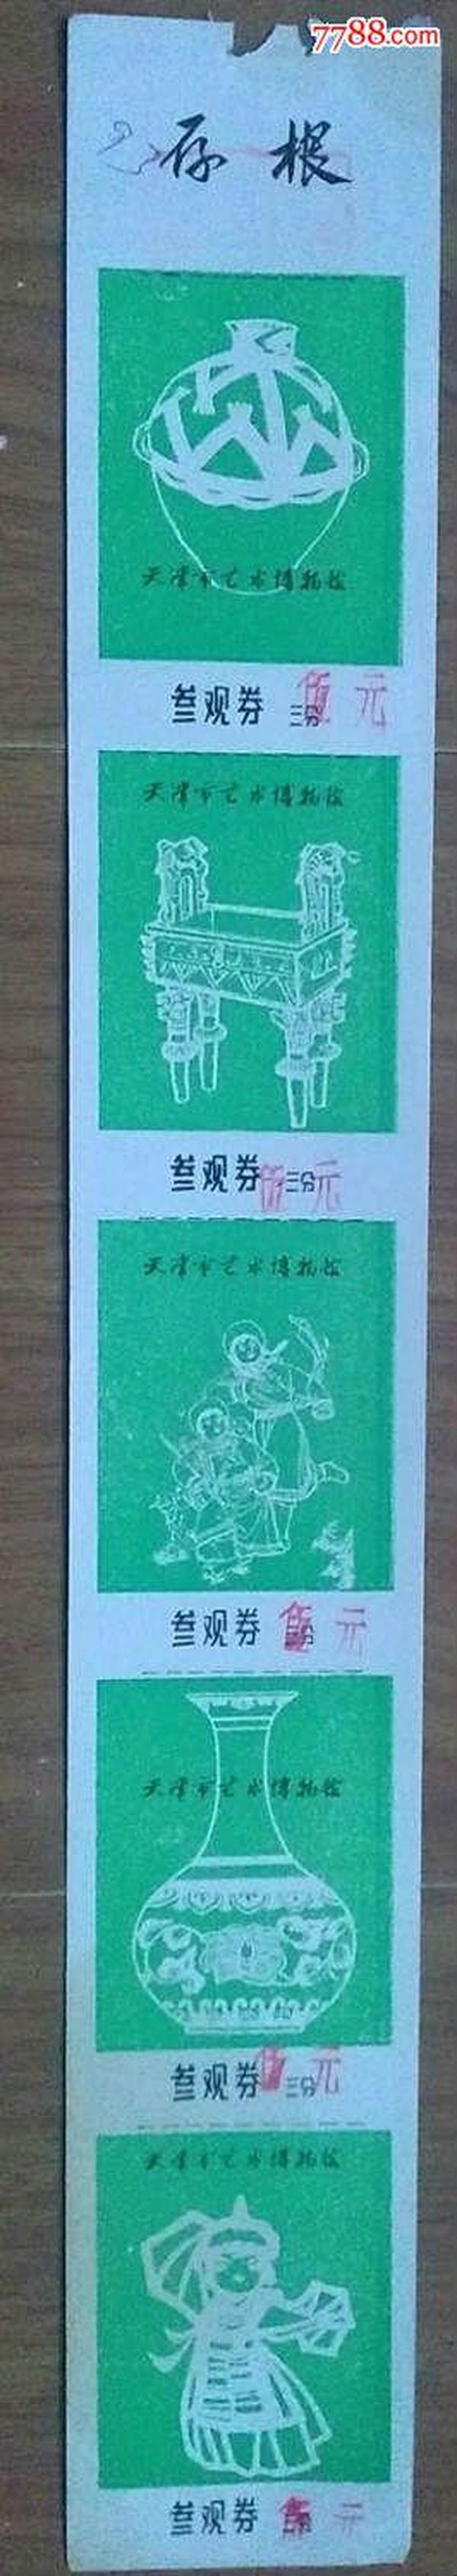 早期《天津市艺术博物馆3分改5元》全套版票(不同图案)